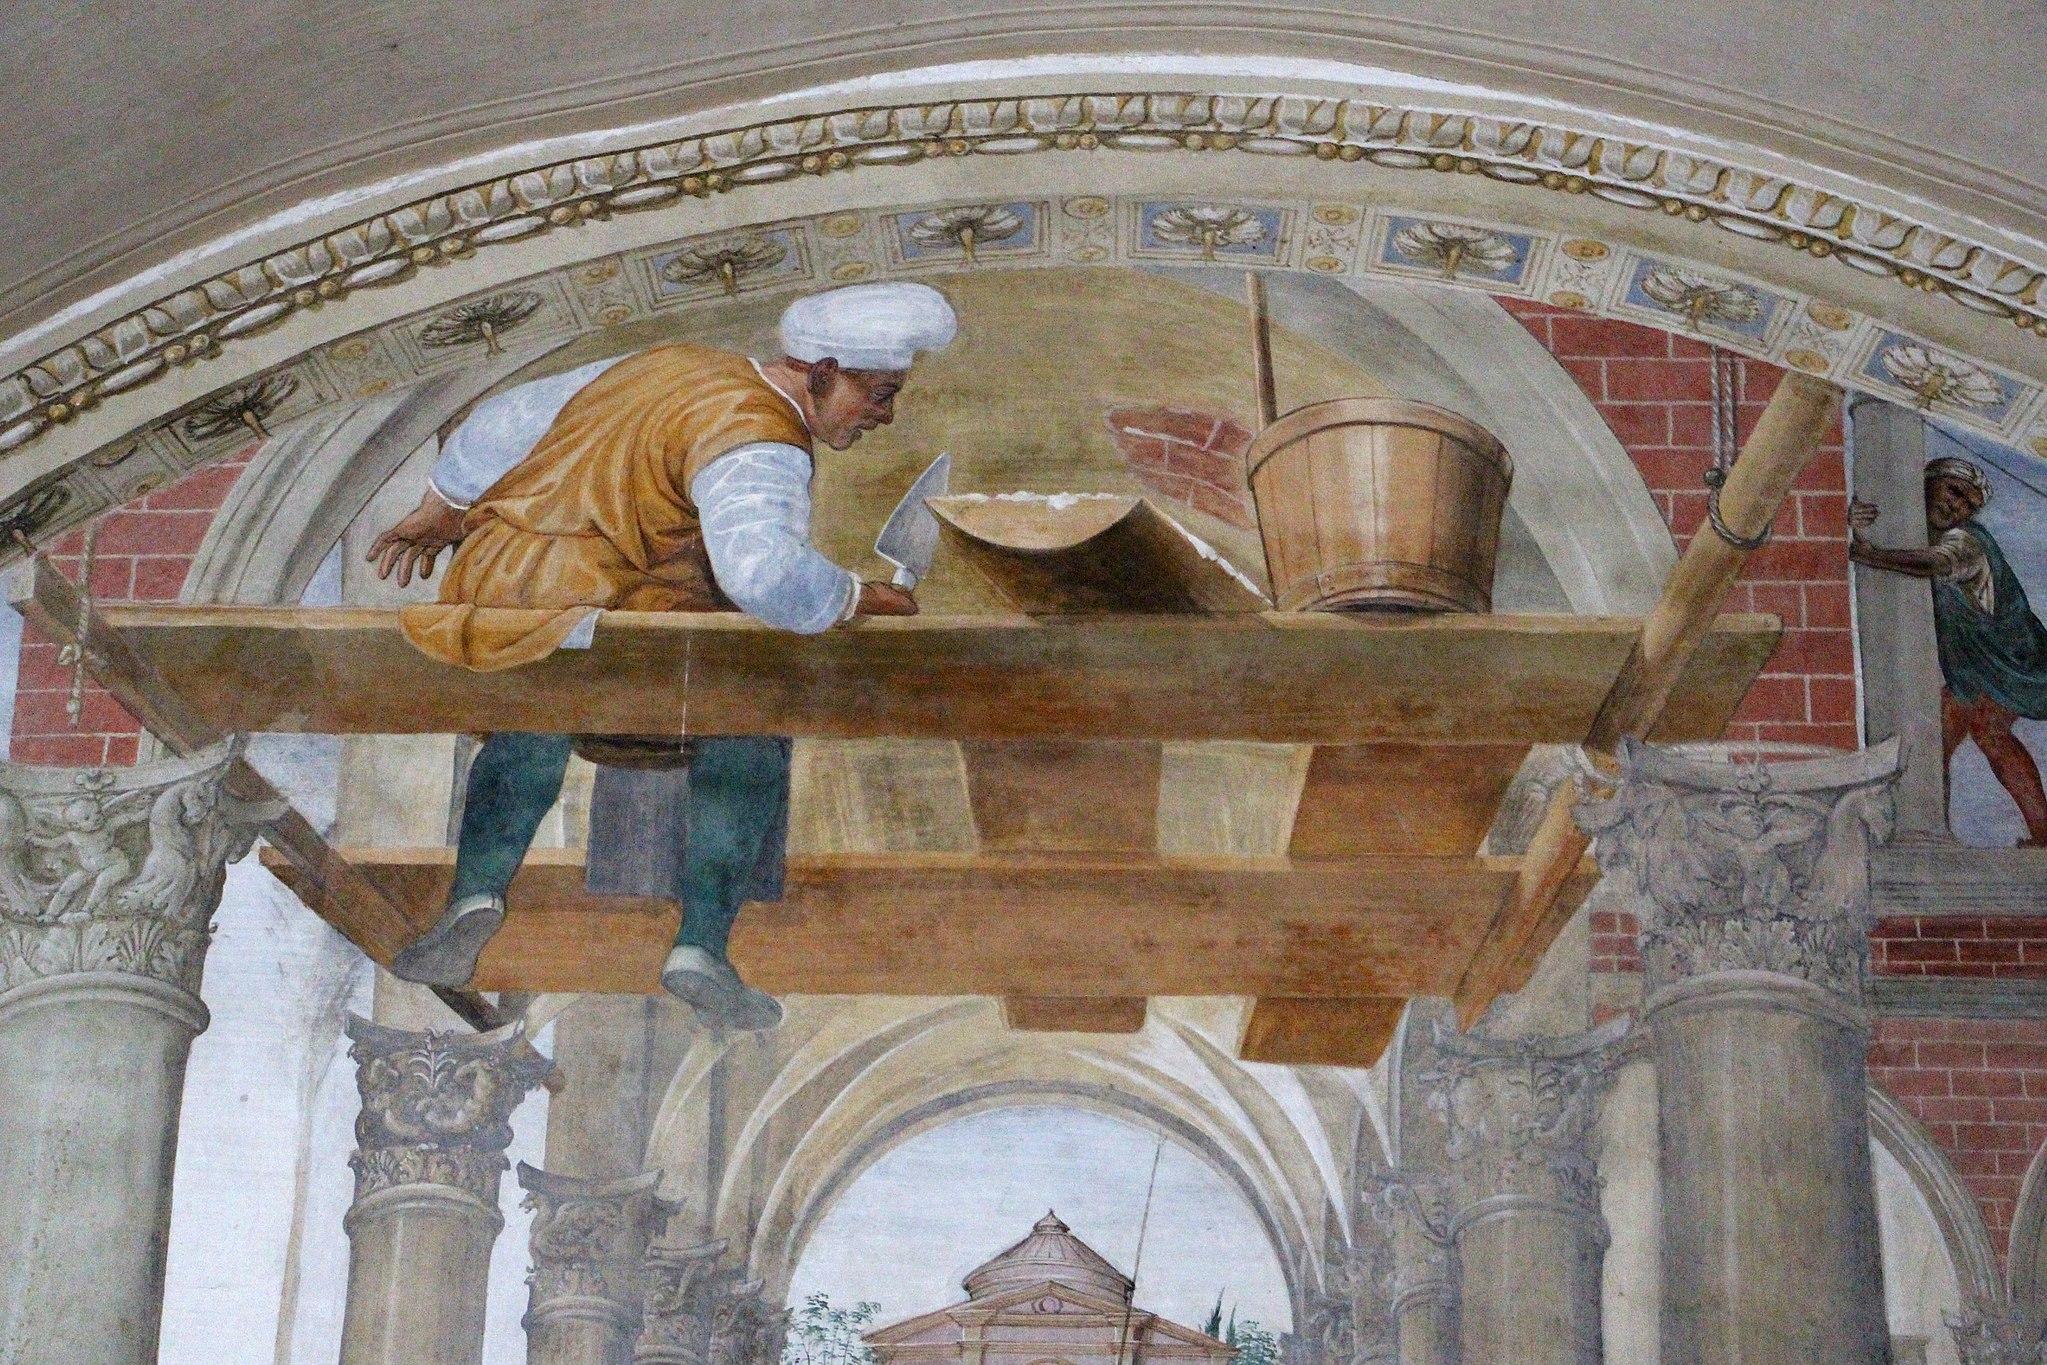 Storie di s. benedetto, 11 sodoma - Come Benedetto compie la edificazione di dodici monasteri 02